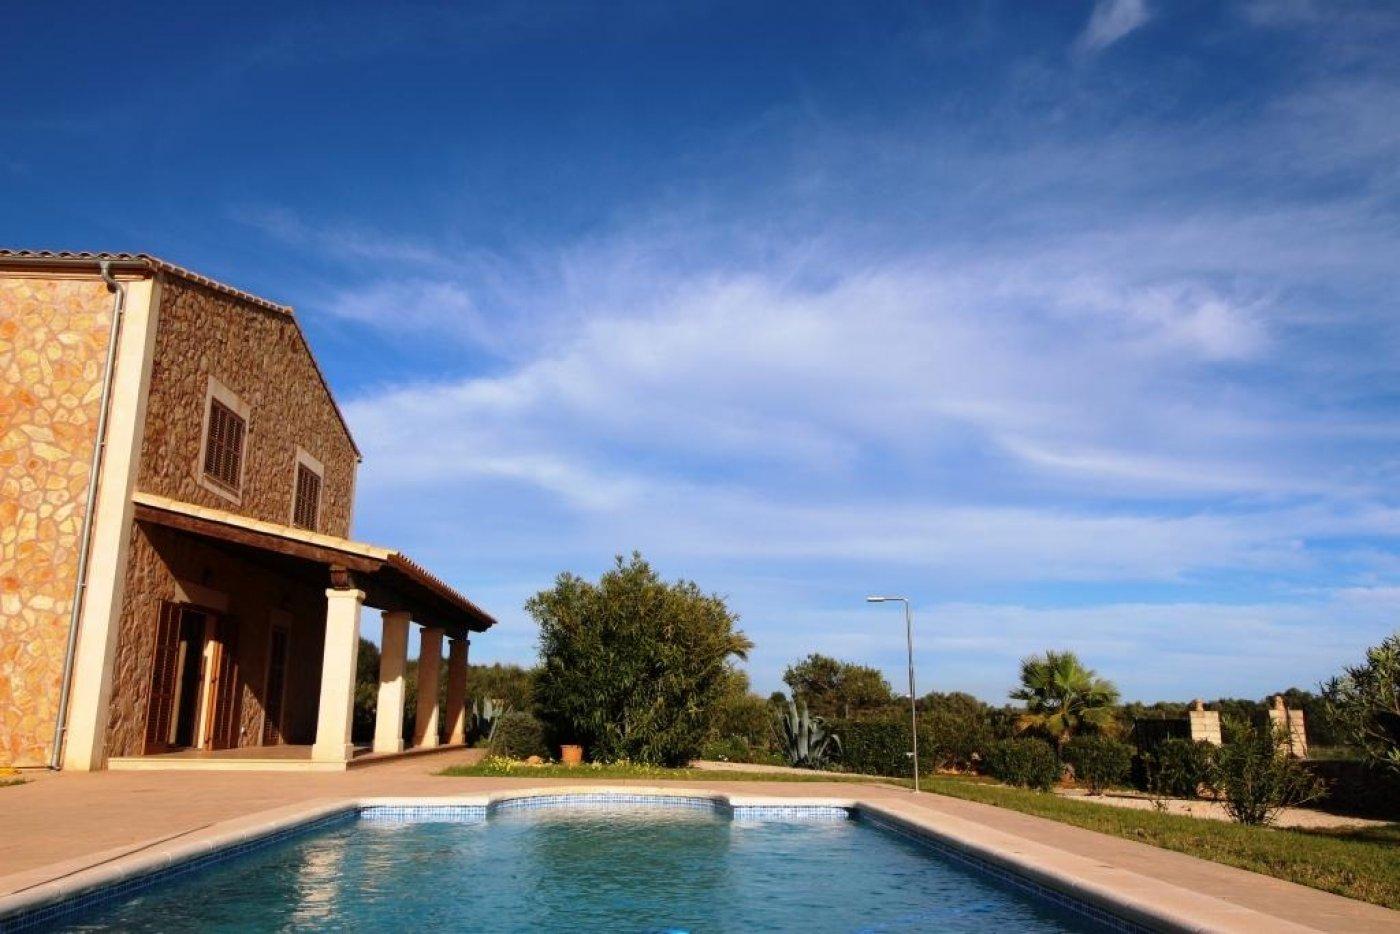 Miete Haus  Ses salines ,salines  ses. Preciosa casa de campo con piscina en ses salines en alquiler de